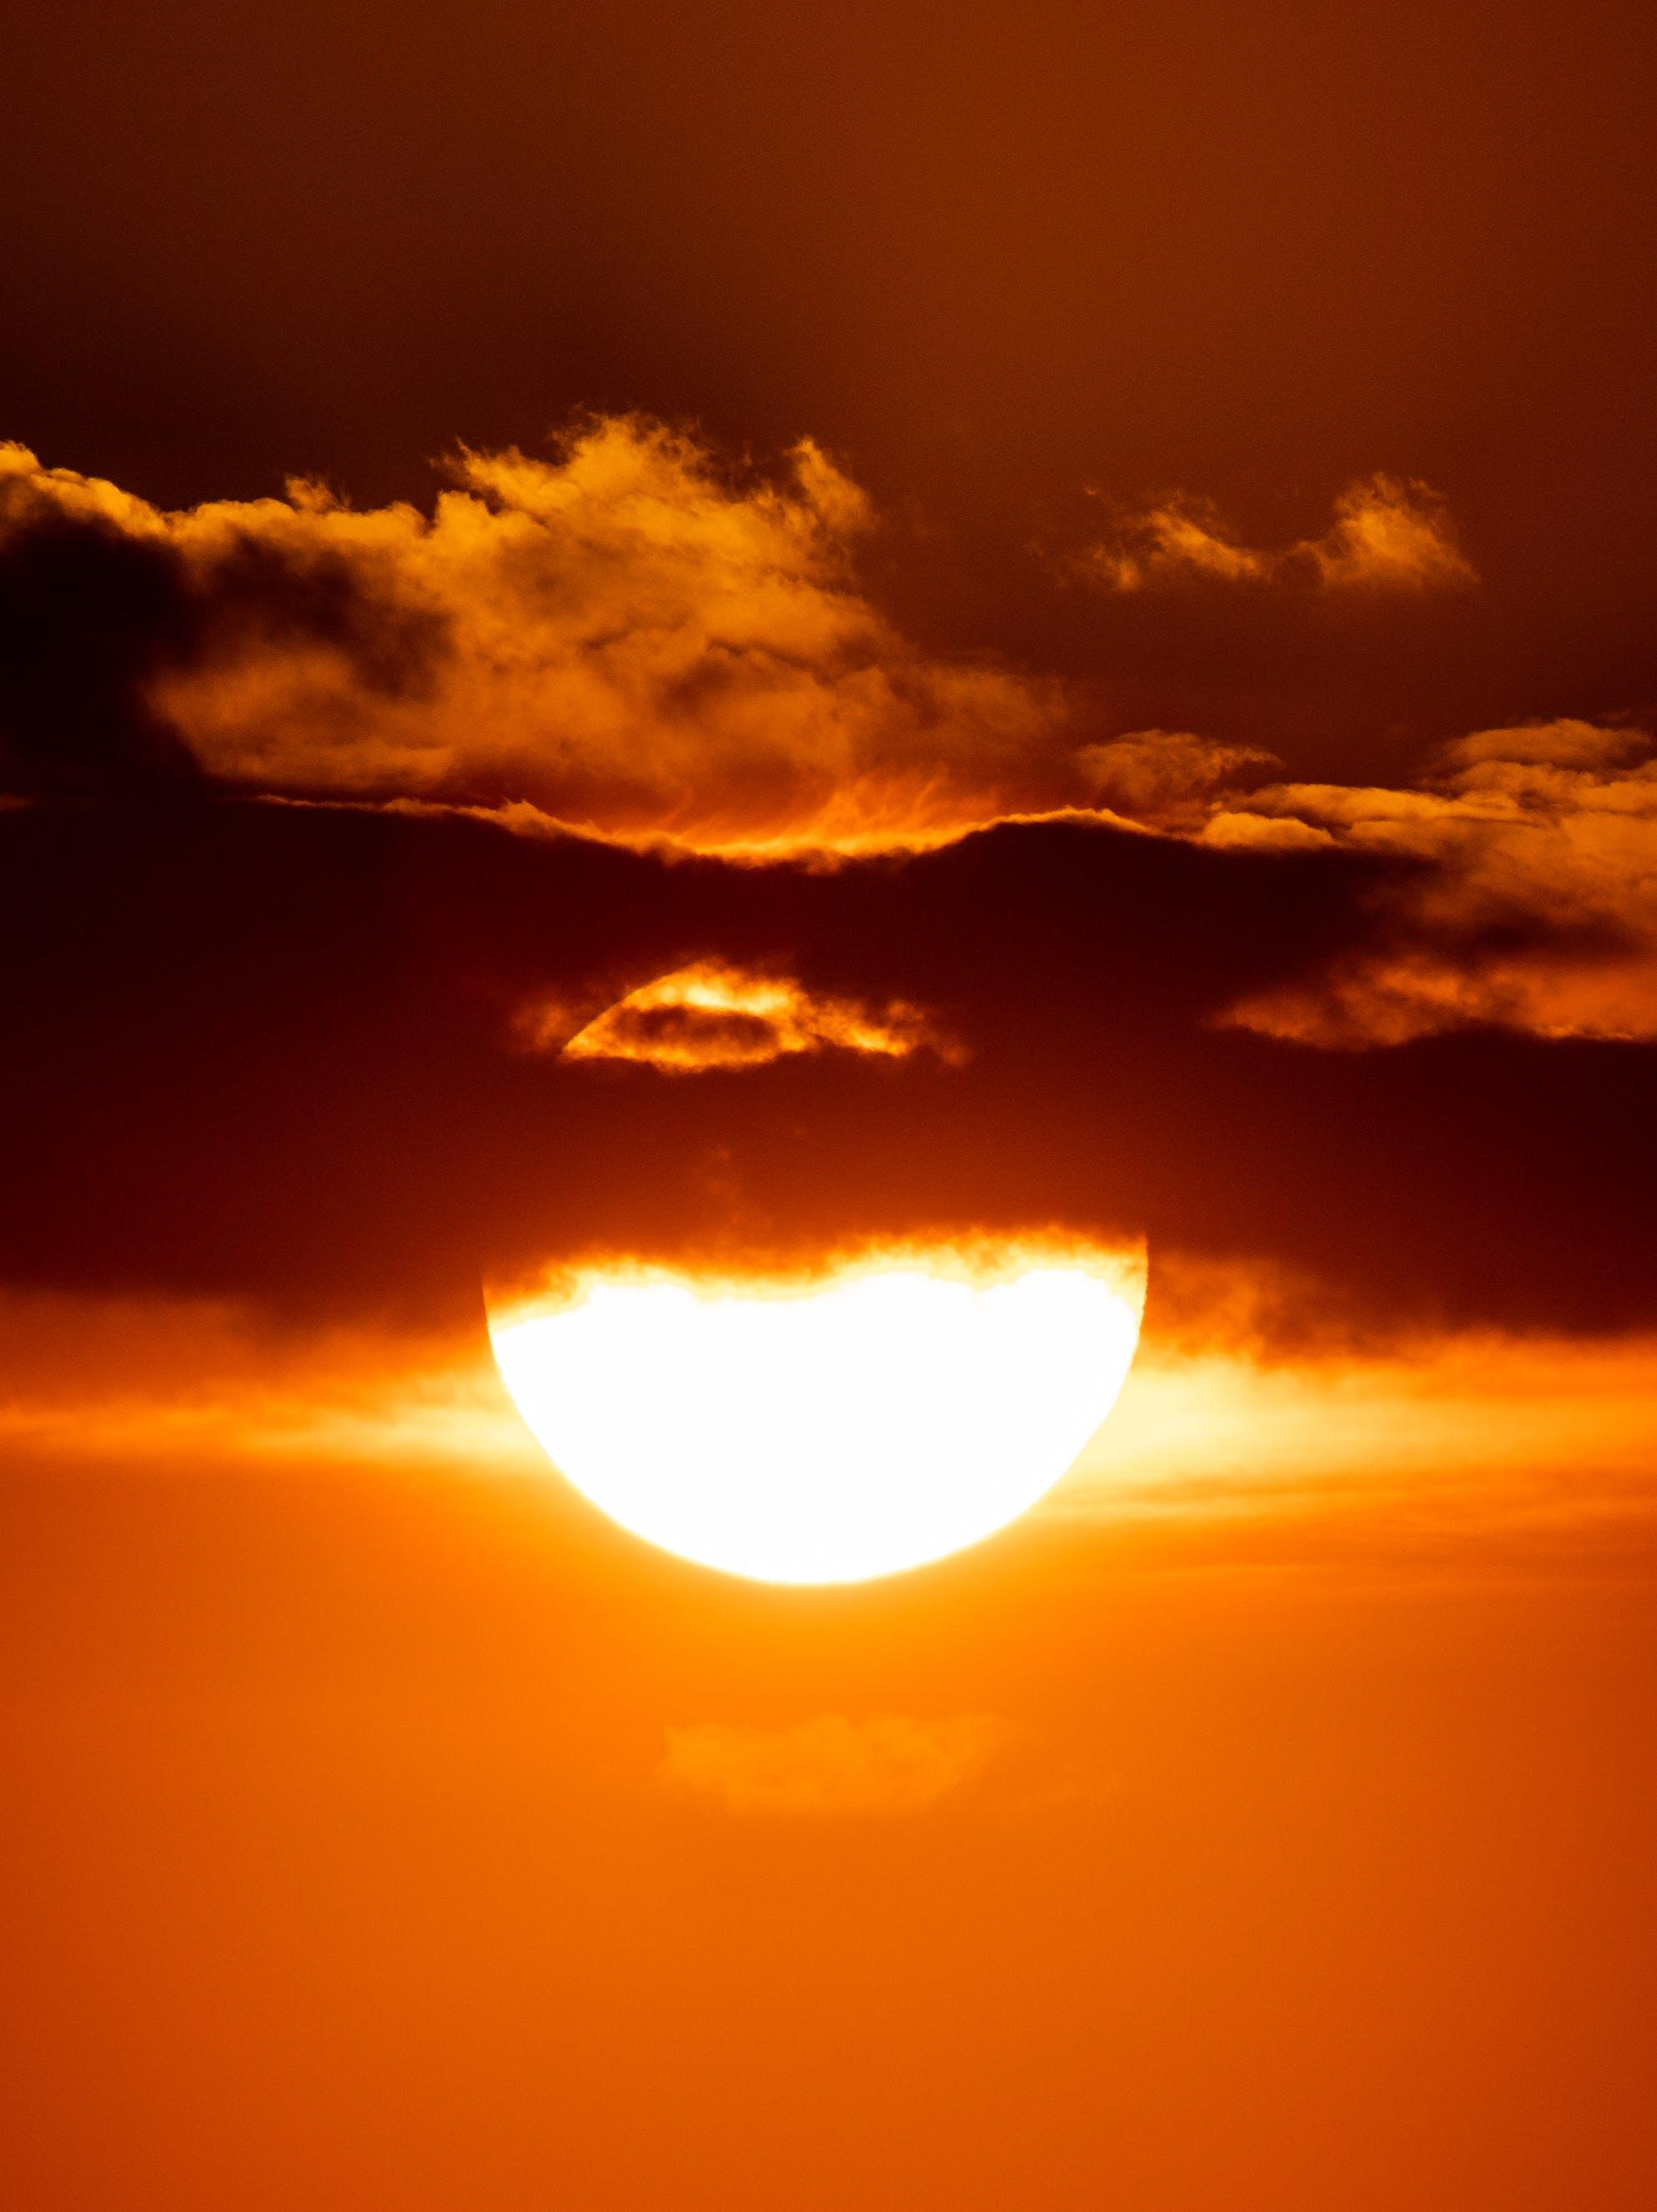 Gratis lagerfoto af skyer, sol, solnedgang